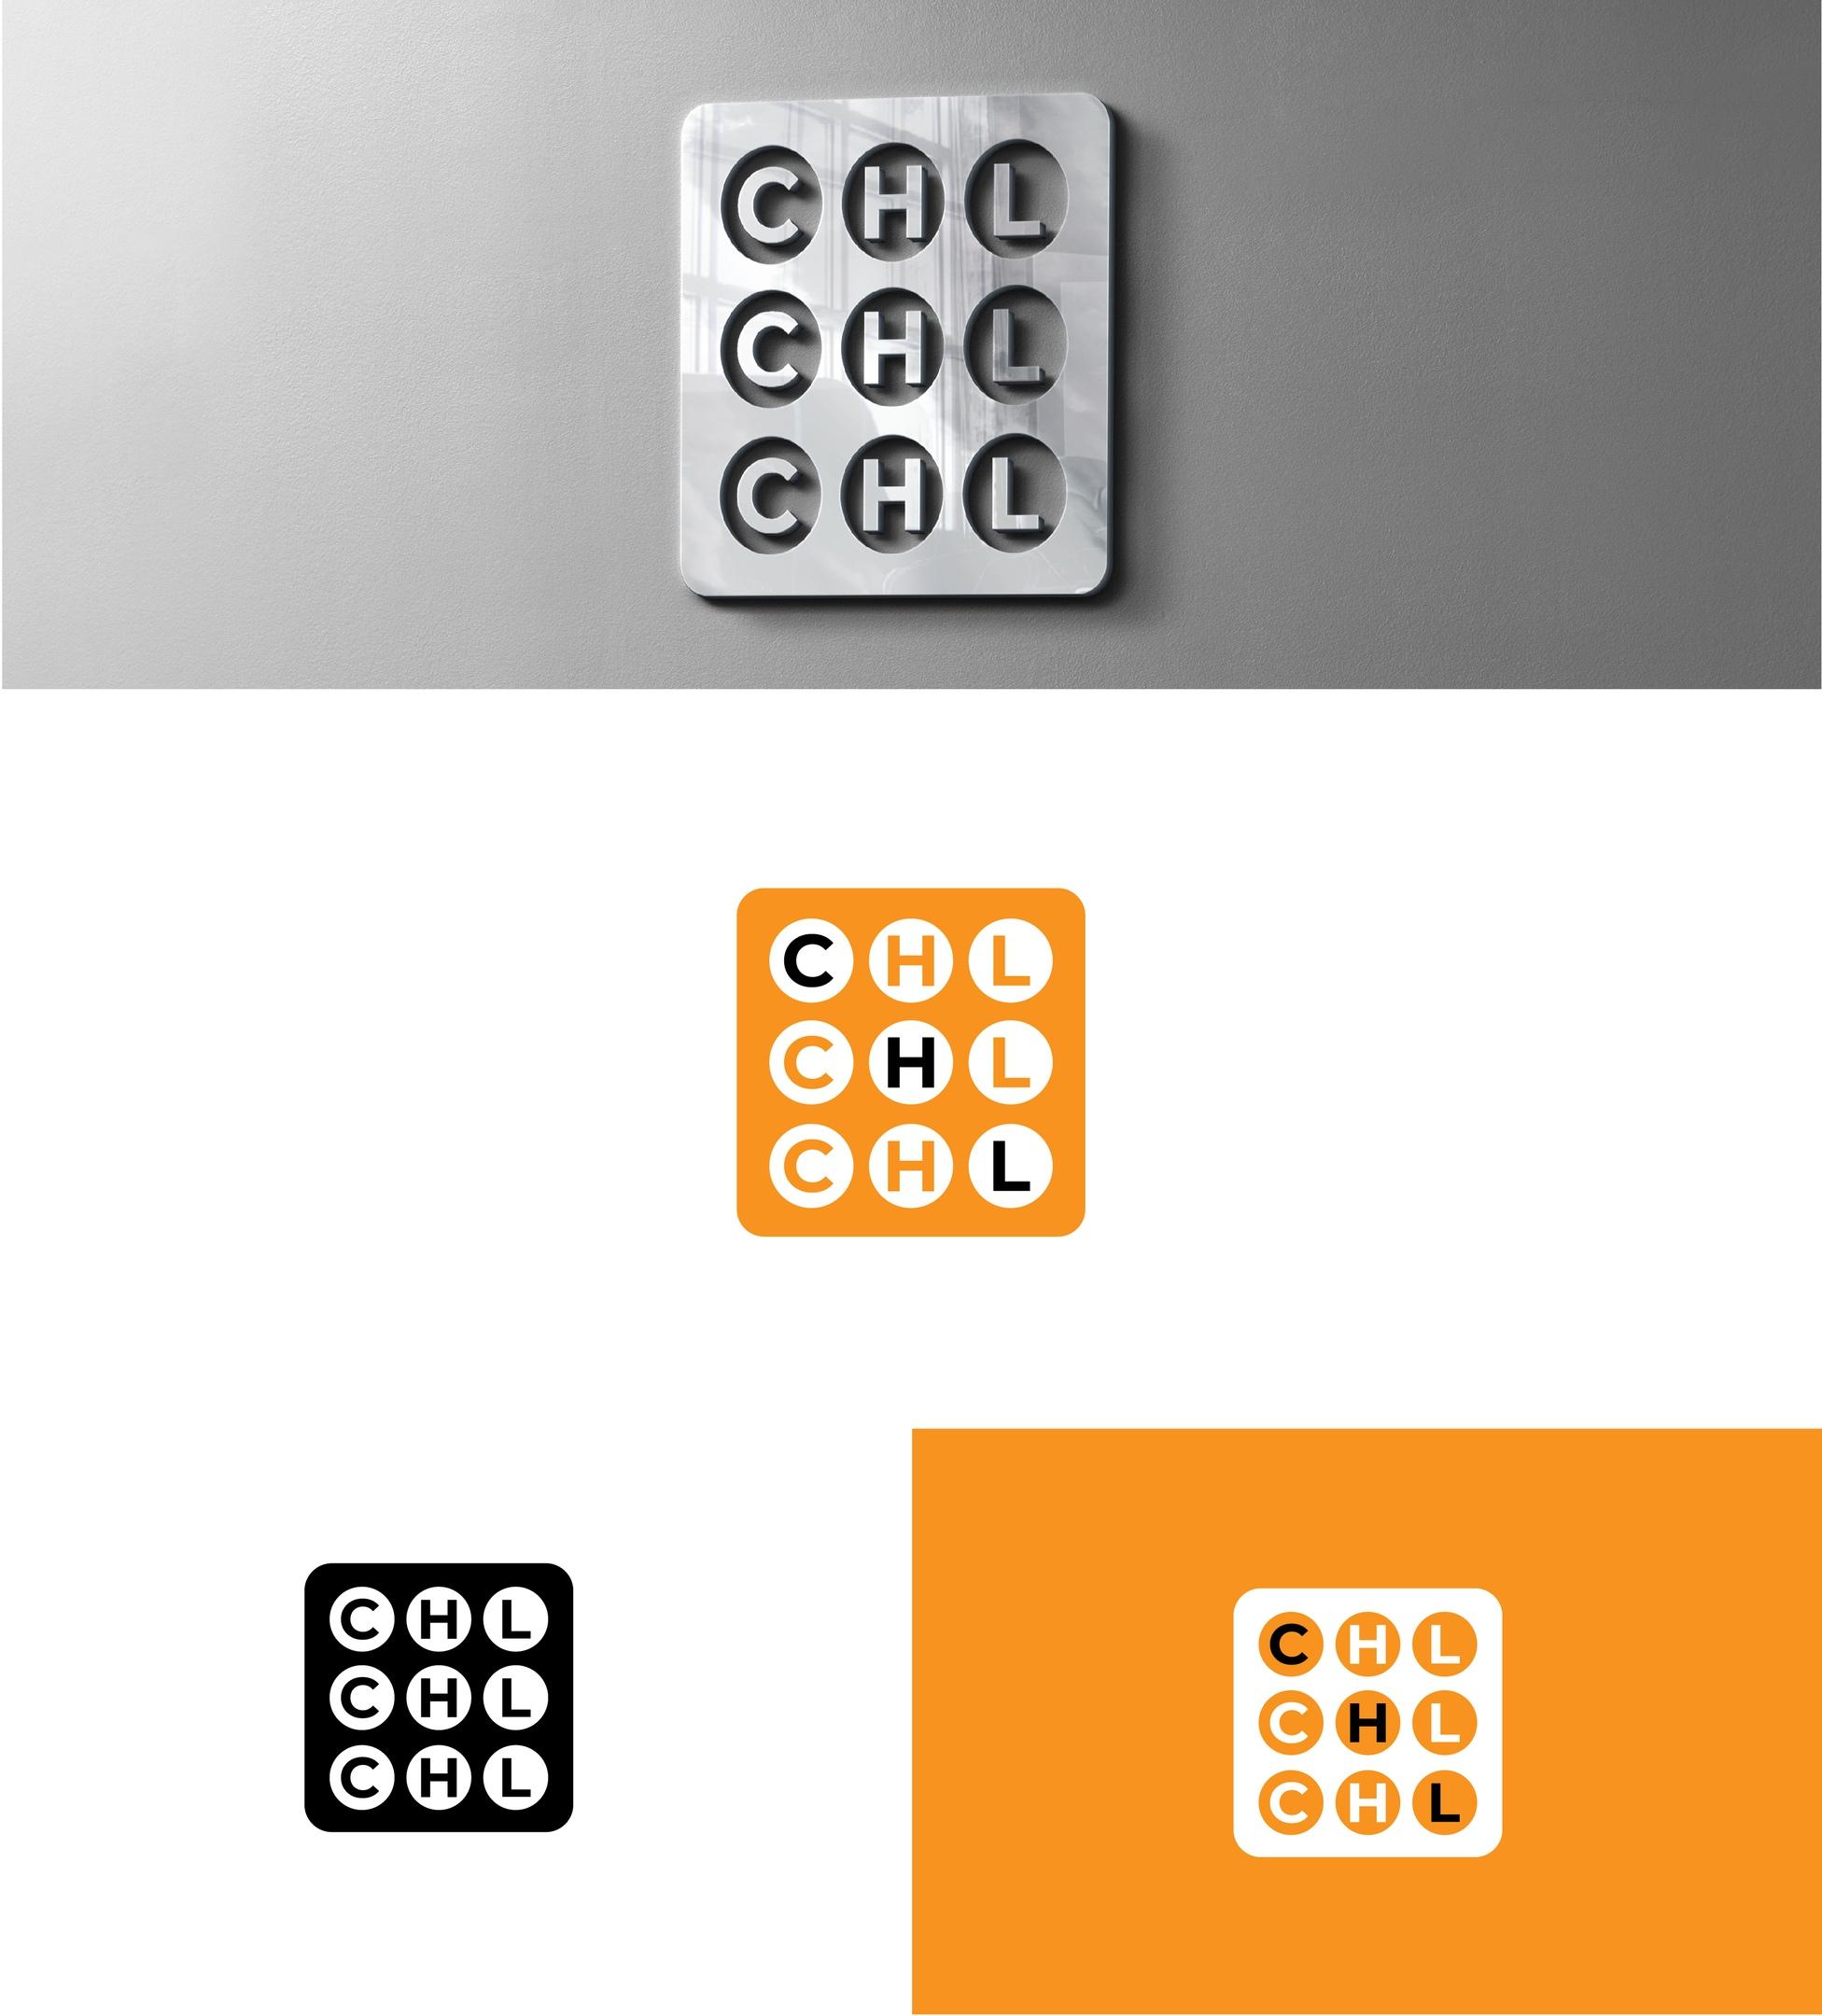 разработка логотипа для производителя фар фото f_6155f5cb197b395b.jpg